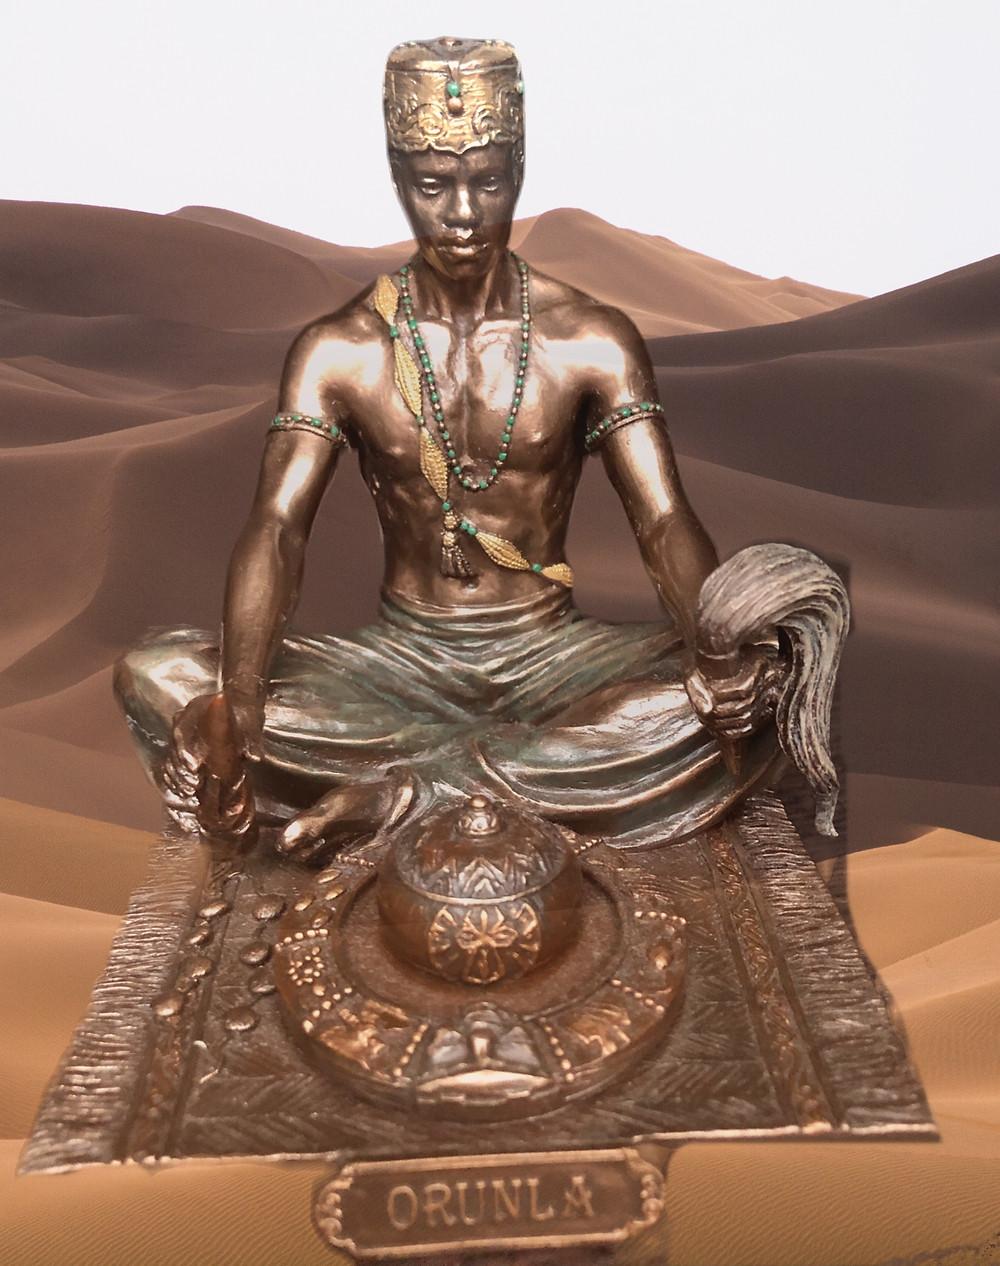 Orunla master of divination.